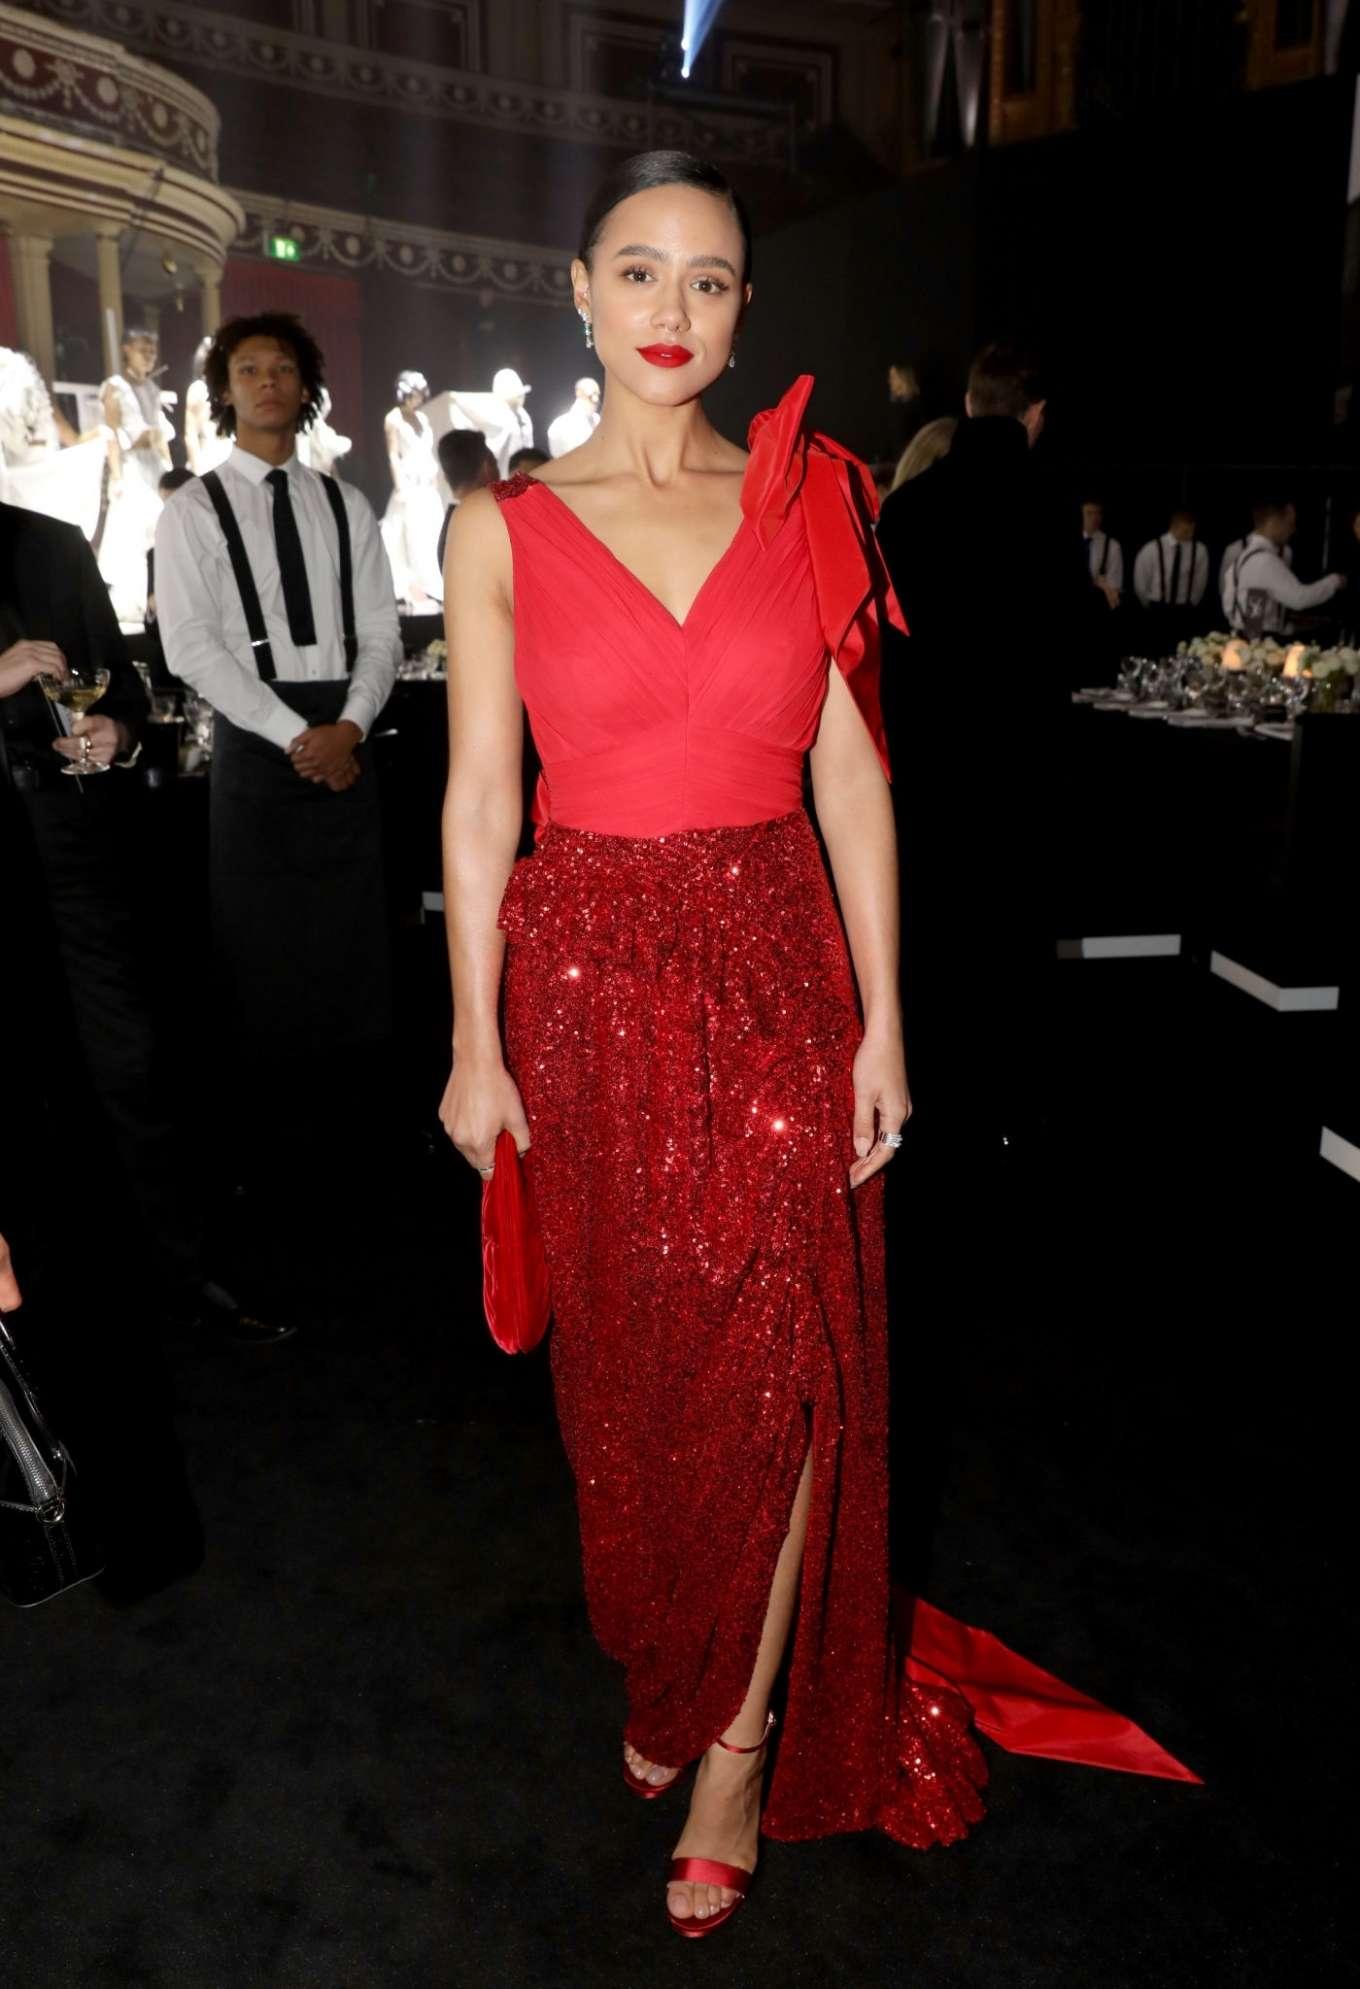 Nathalie Emmanuel 2019 : Nathalie Emmanuel – Fashion Awards 2019 in London-01